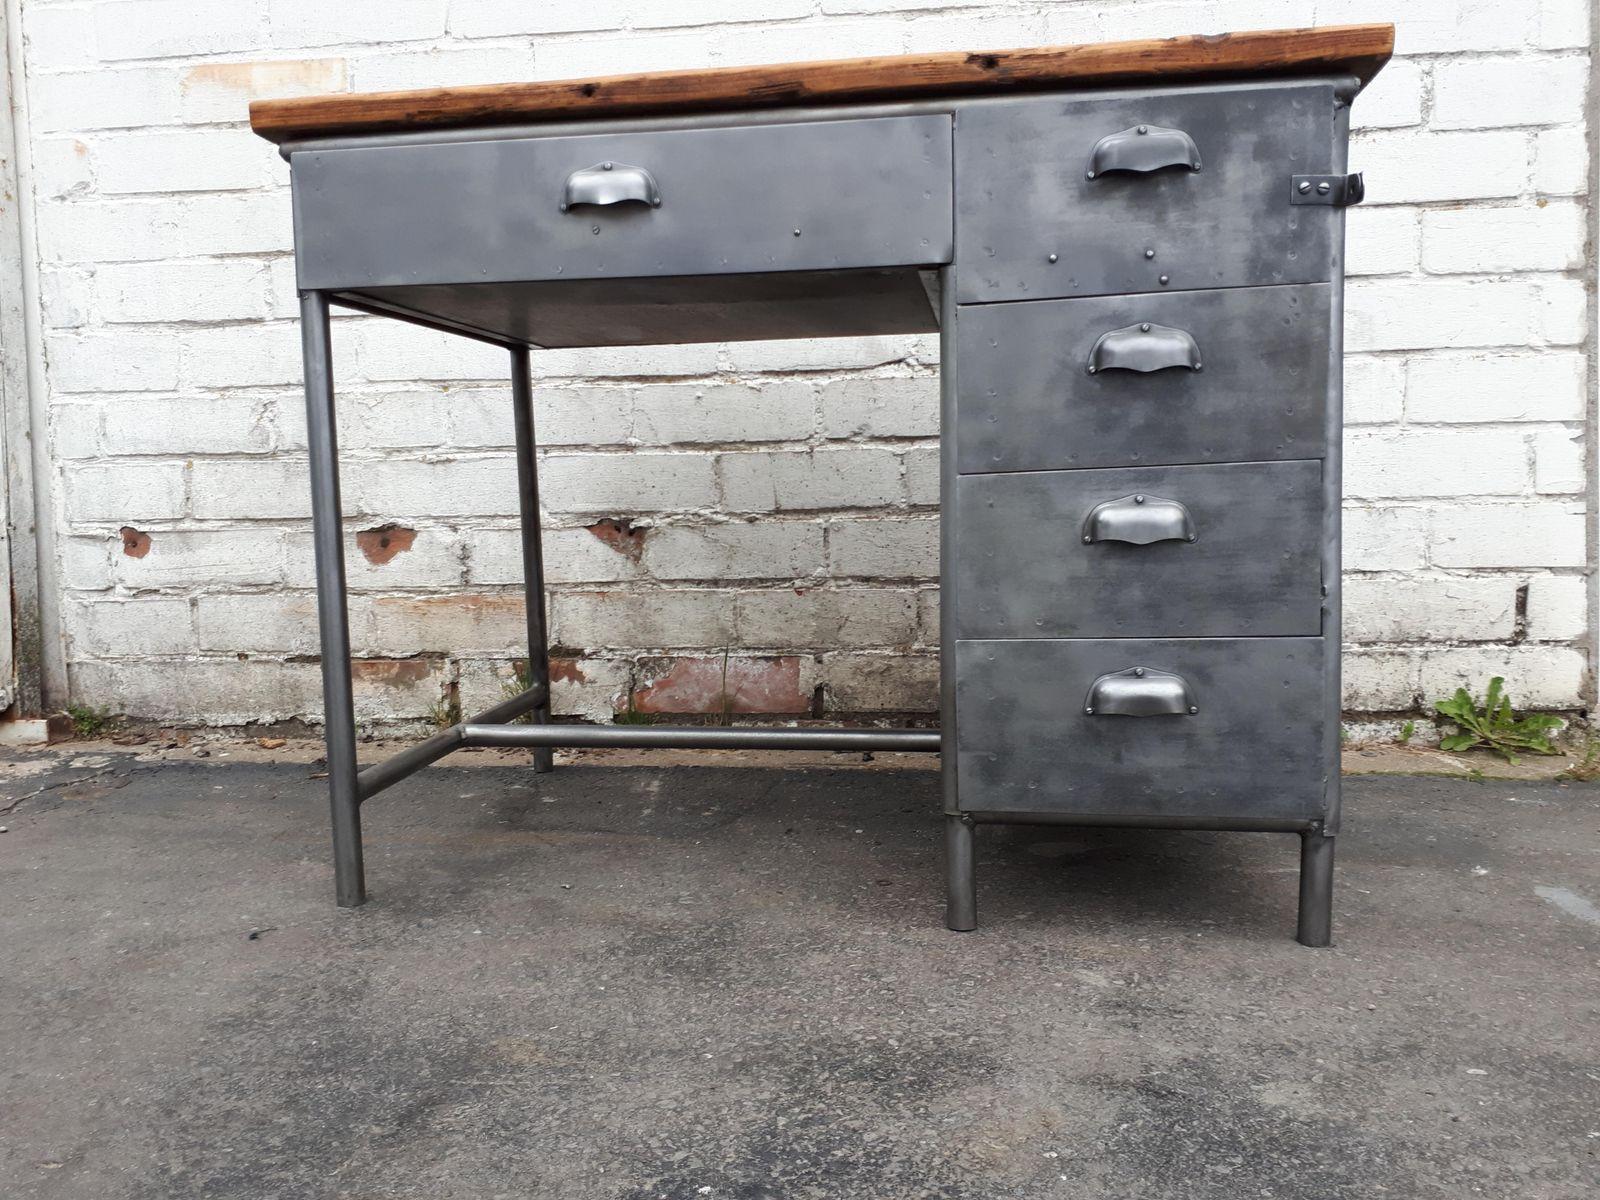 Scrivania vintage industriale con cassetti in metallo in vendita su